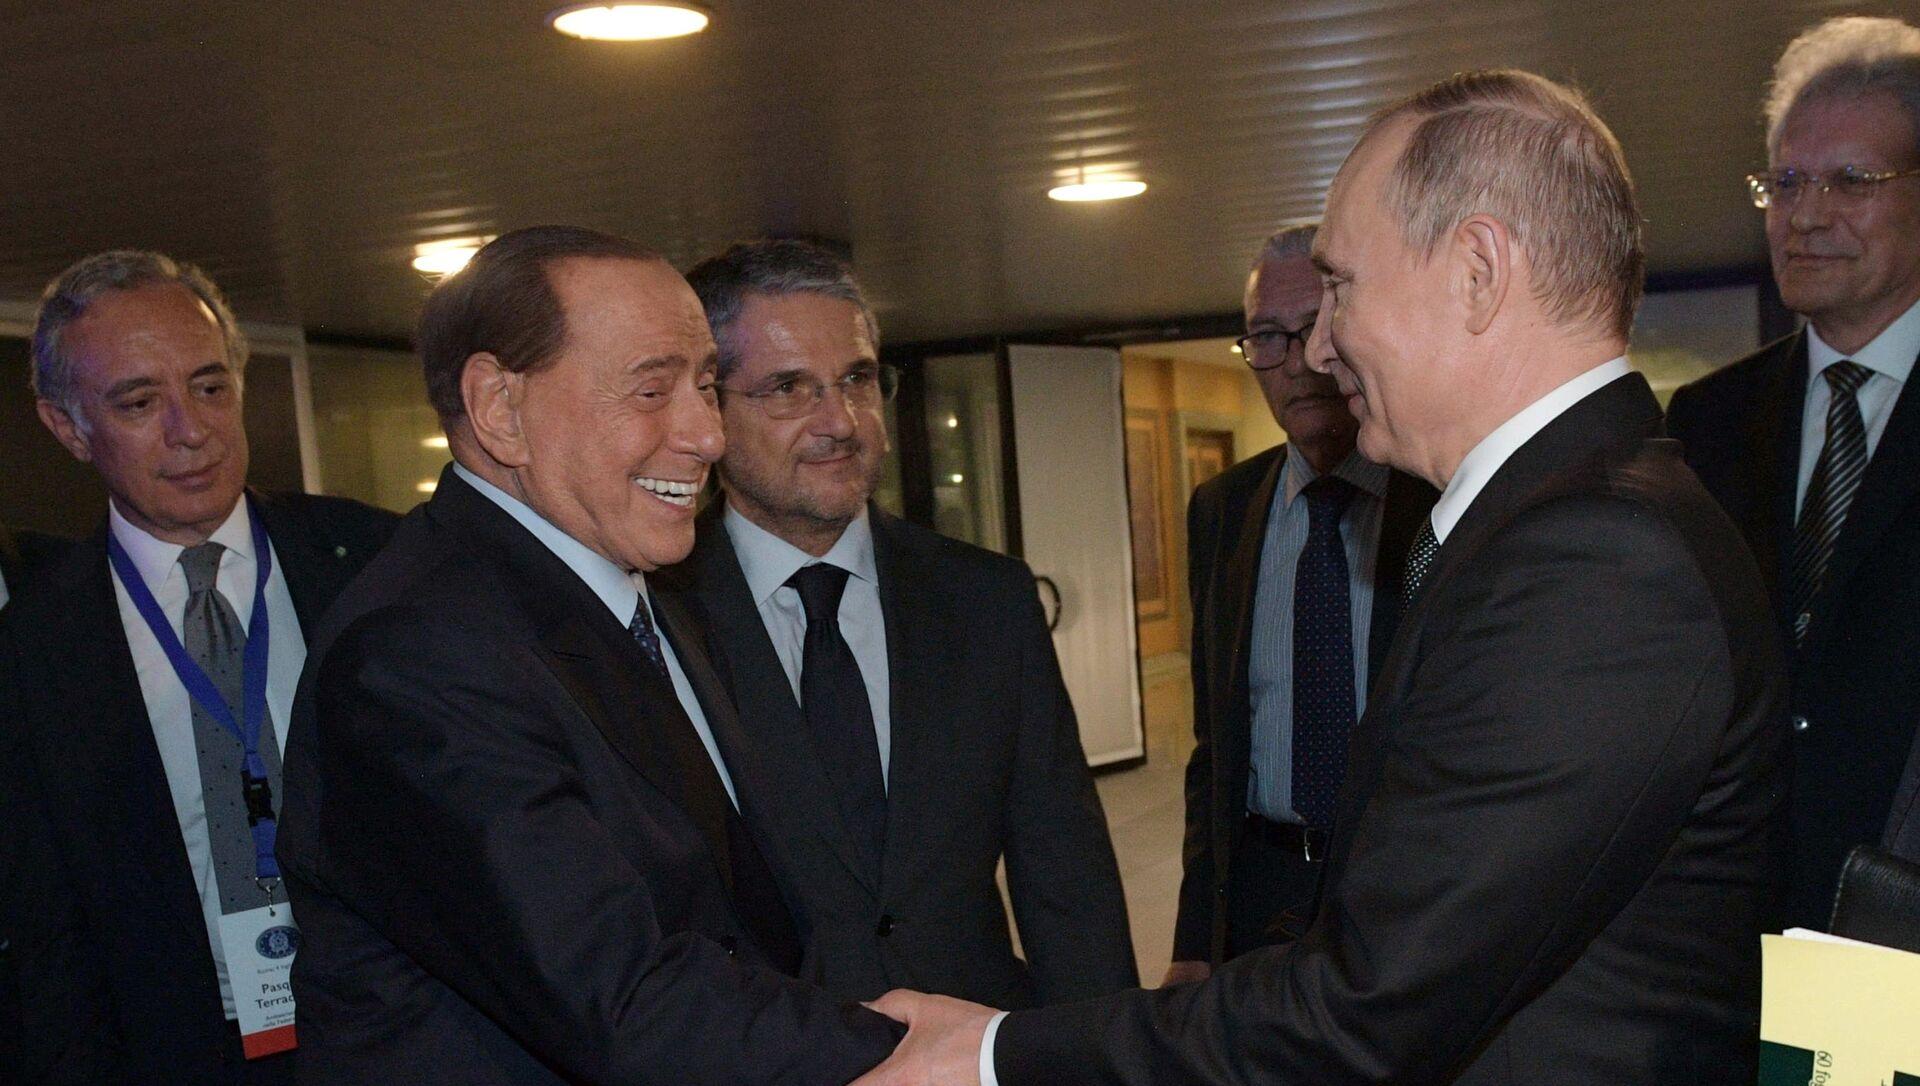 El ex primer ministro de Italia y presidente del partido Forza Italia, Silvio Berlusconi, y el presidente de Rusia, Vladímir Putin - Sputnik Mundo, 1920, 05.07.2019